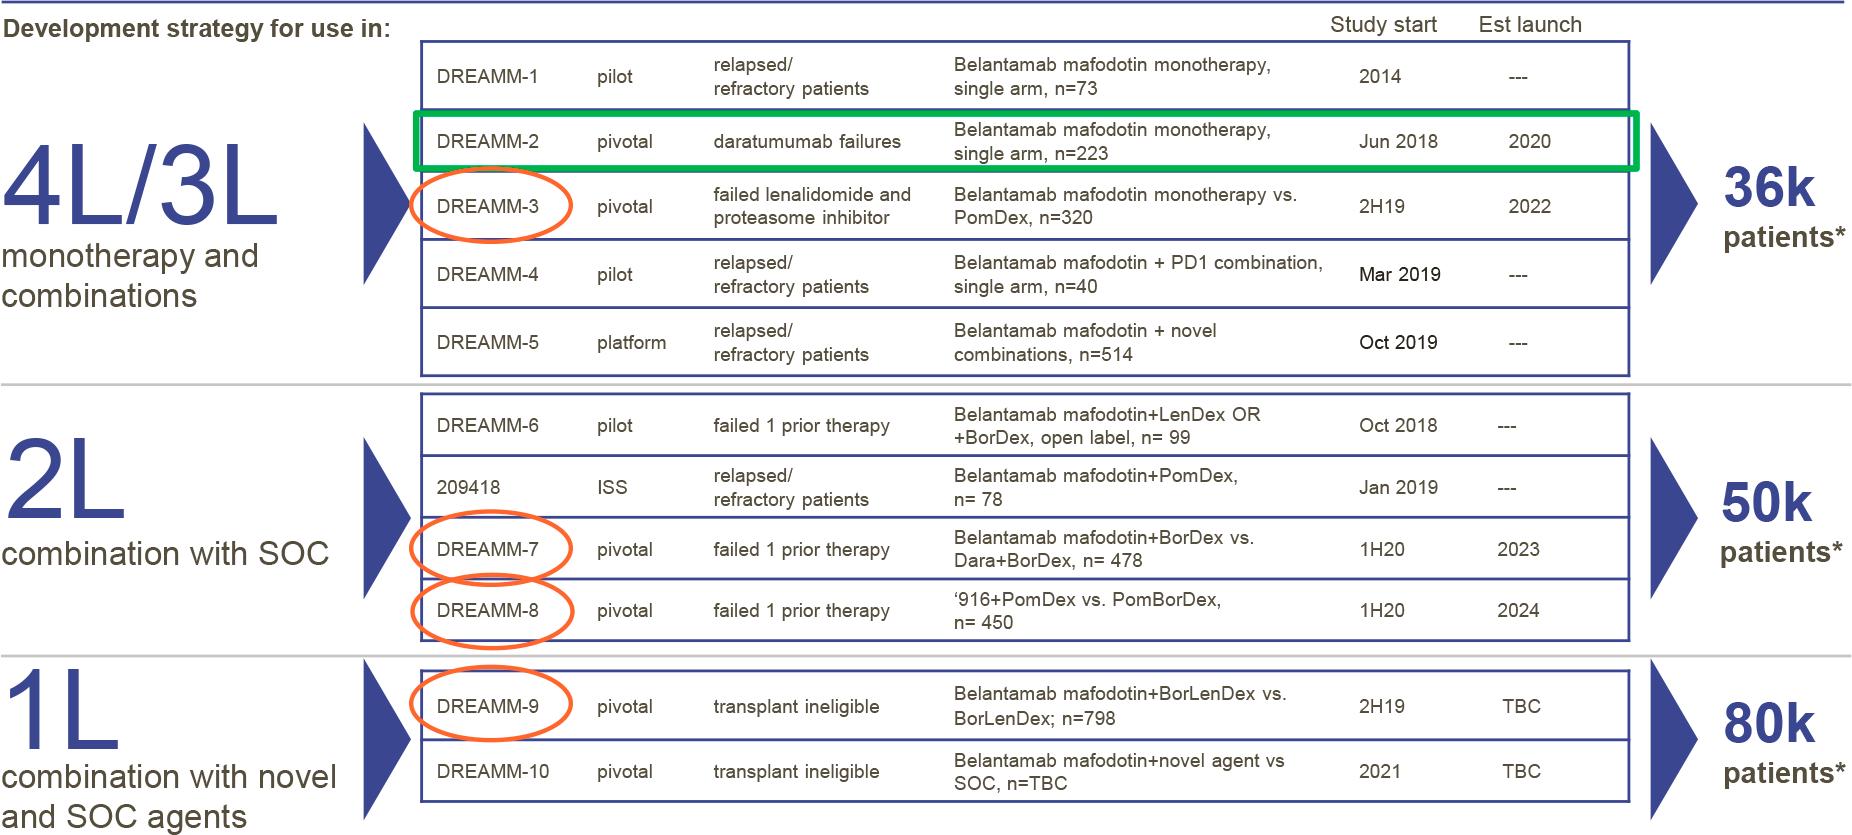 belantamab mafodotin nct03525678 results 06 - Белантамаб мафодотин для лечения множественной миеломы